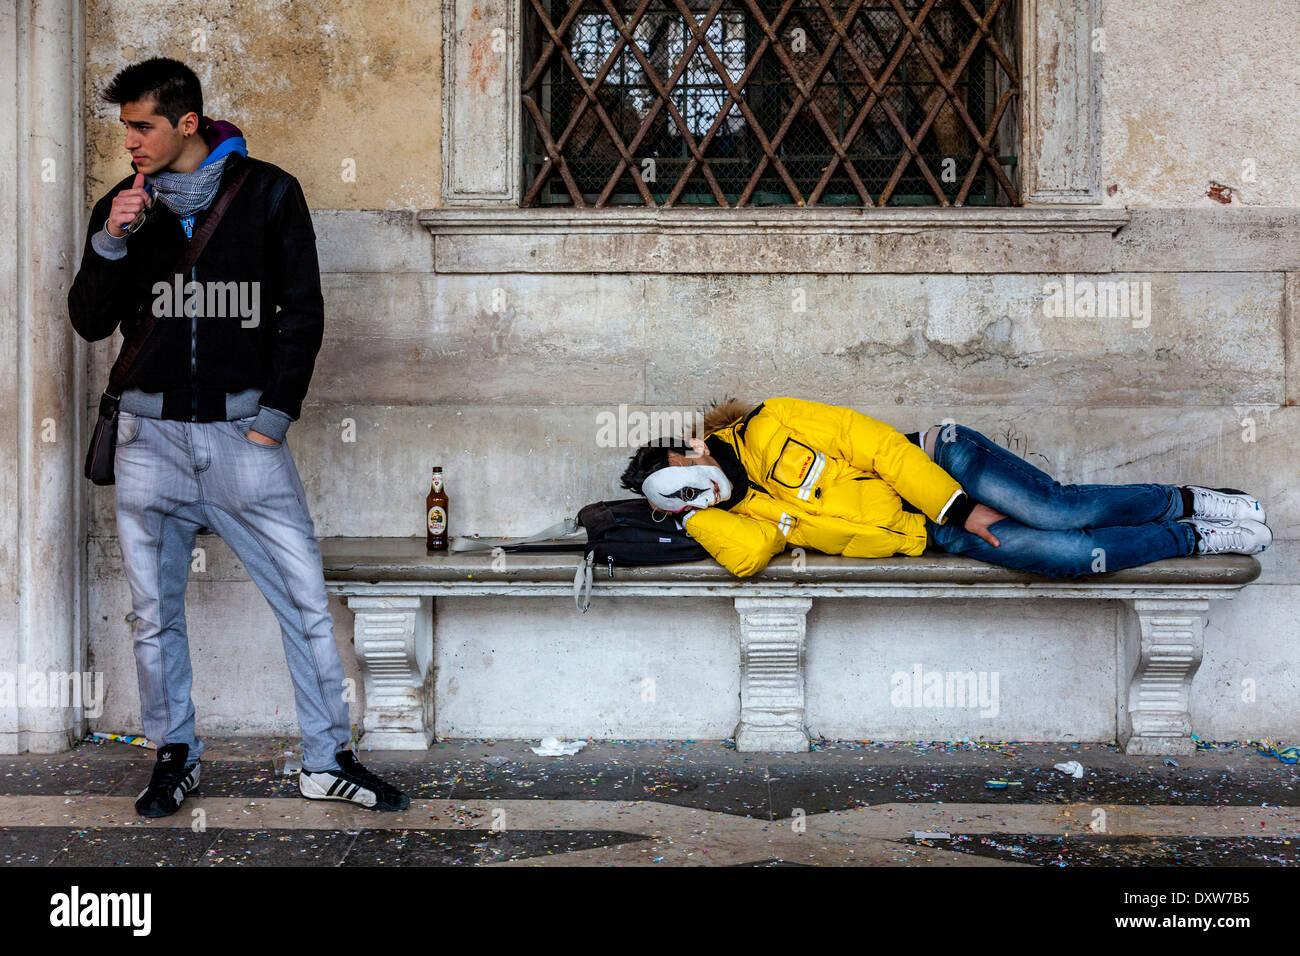 Hombre durmiendo en un banco público, la Plaza de San Marcos, el Carnaval de Venecia, Venecia, Italia Imagen De Stock